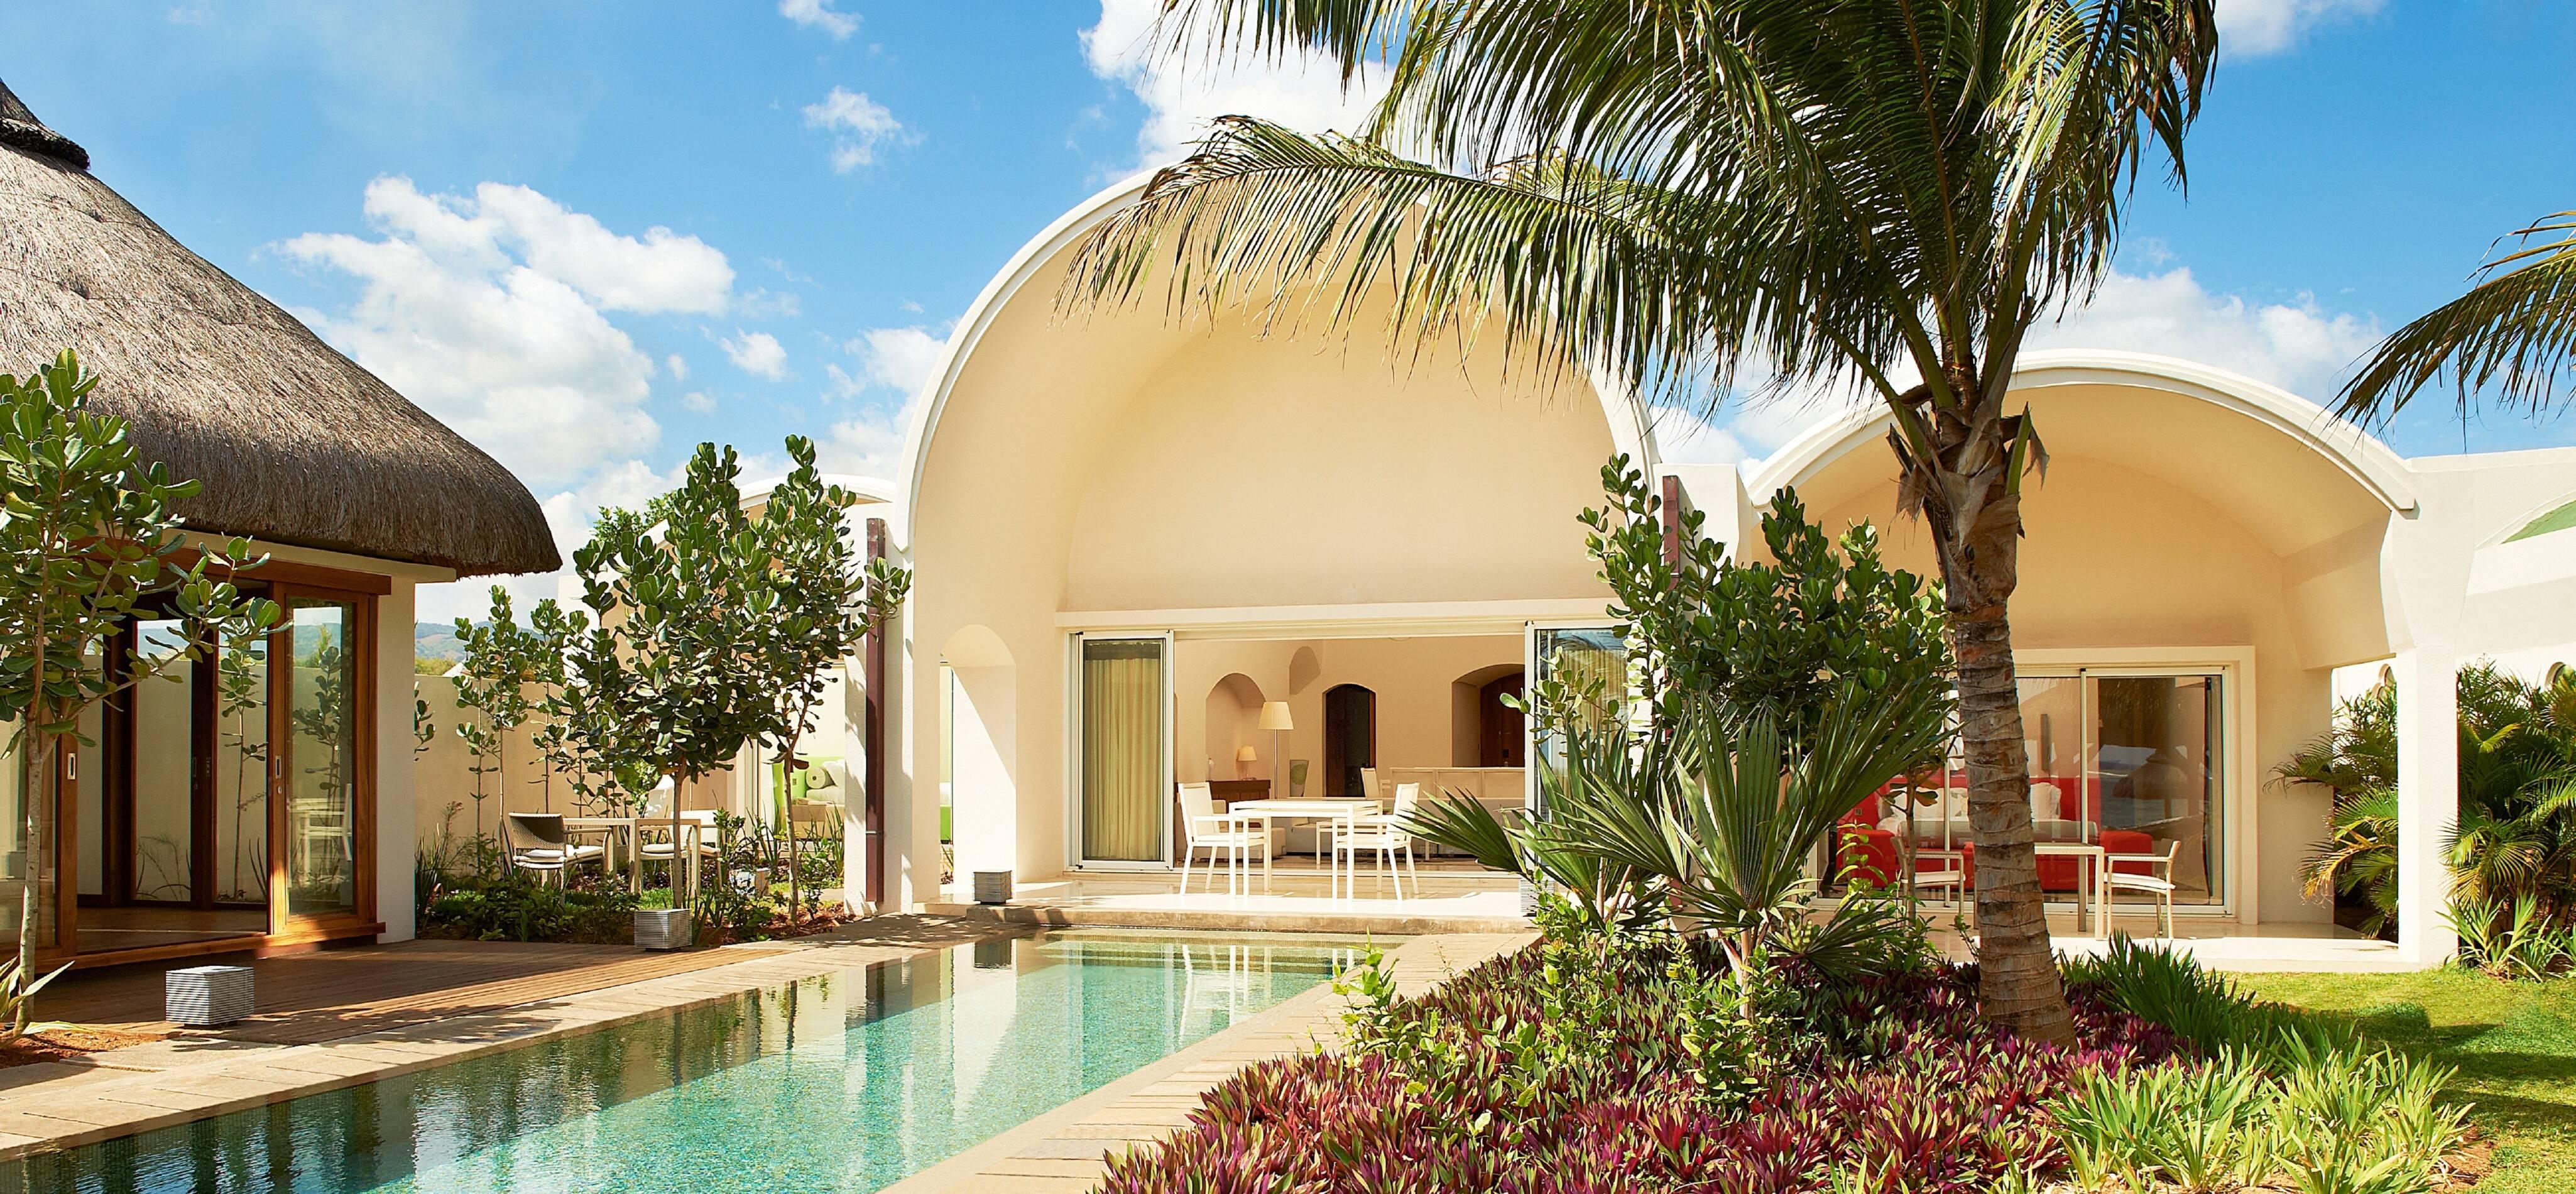 Sofitel So Mauritius beach villa vue exterieure